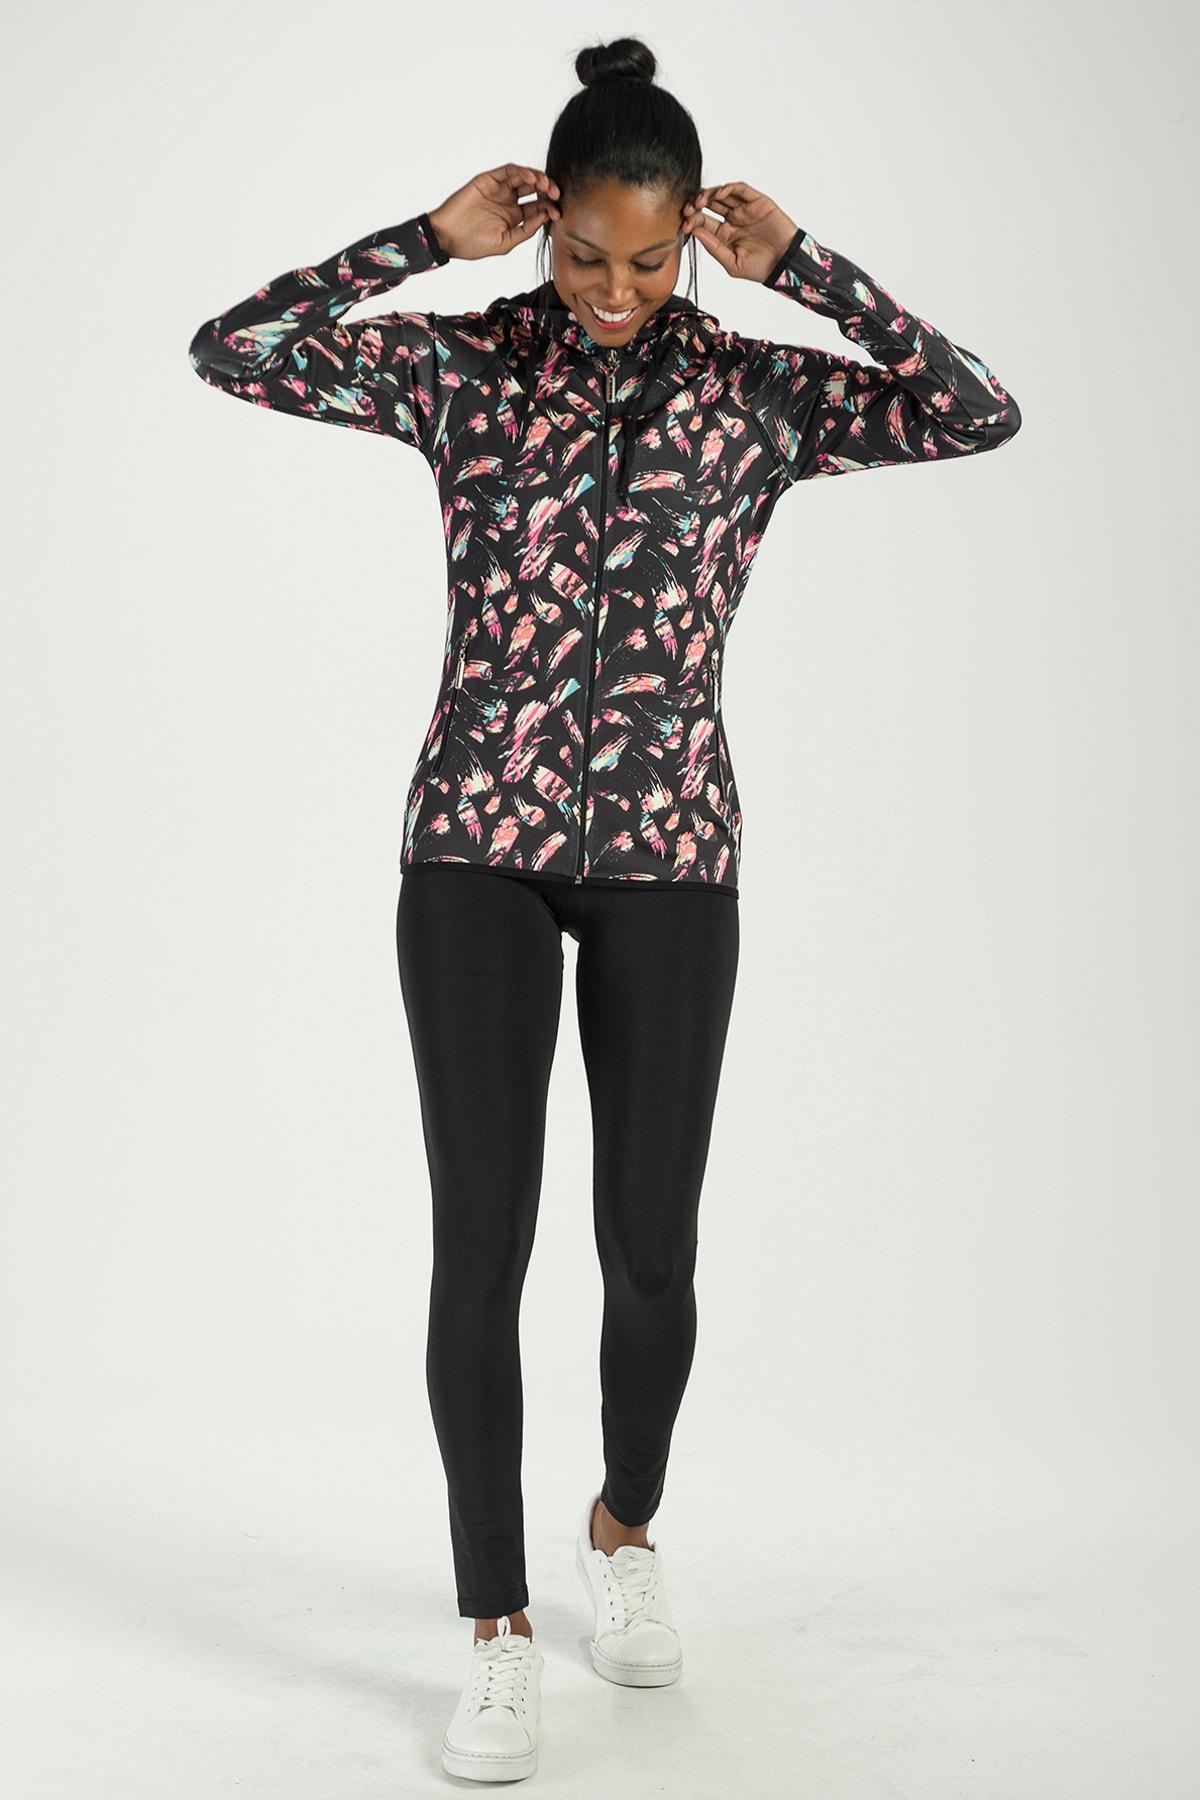 Runever Kadın Siyah Tayt Takım 1